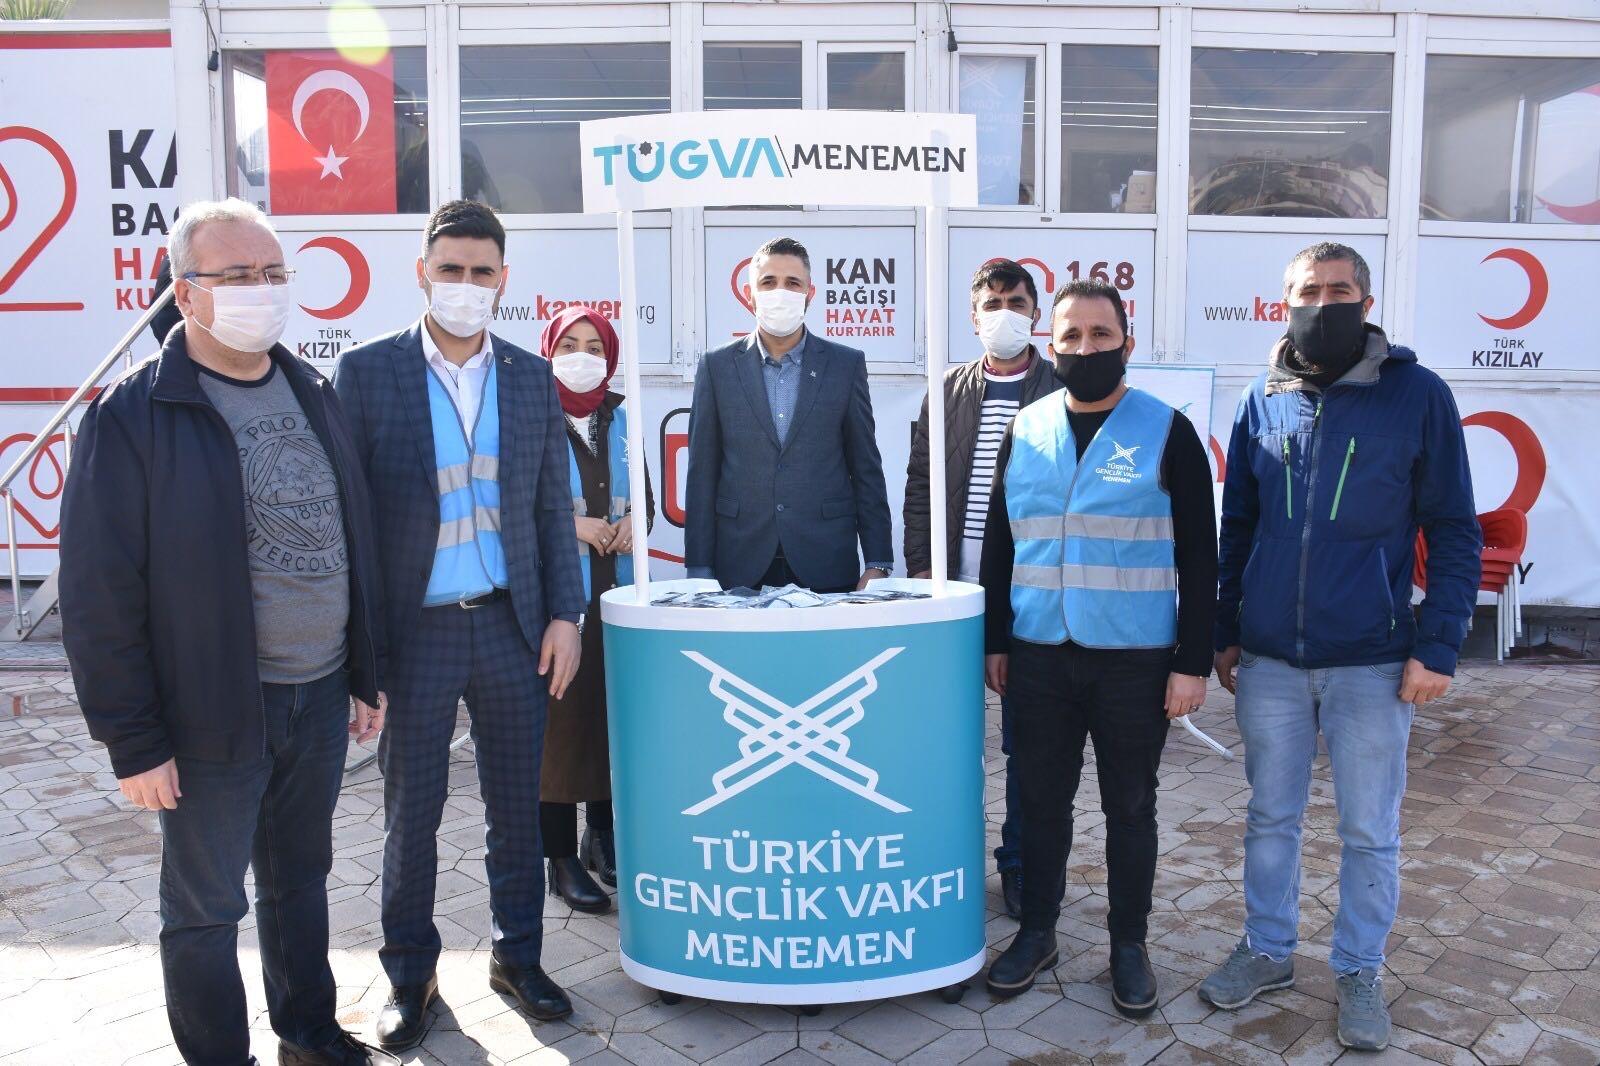 TÜGVA Menemen'den Kan Bağışı Kampanyasına Destek